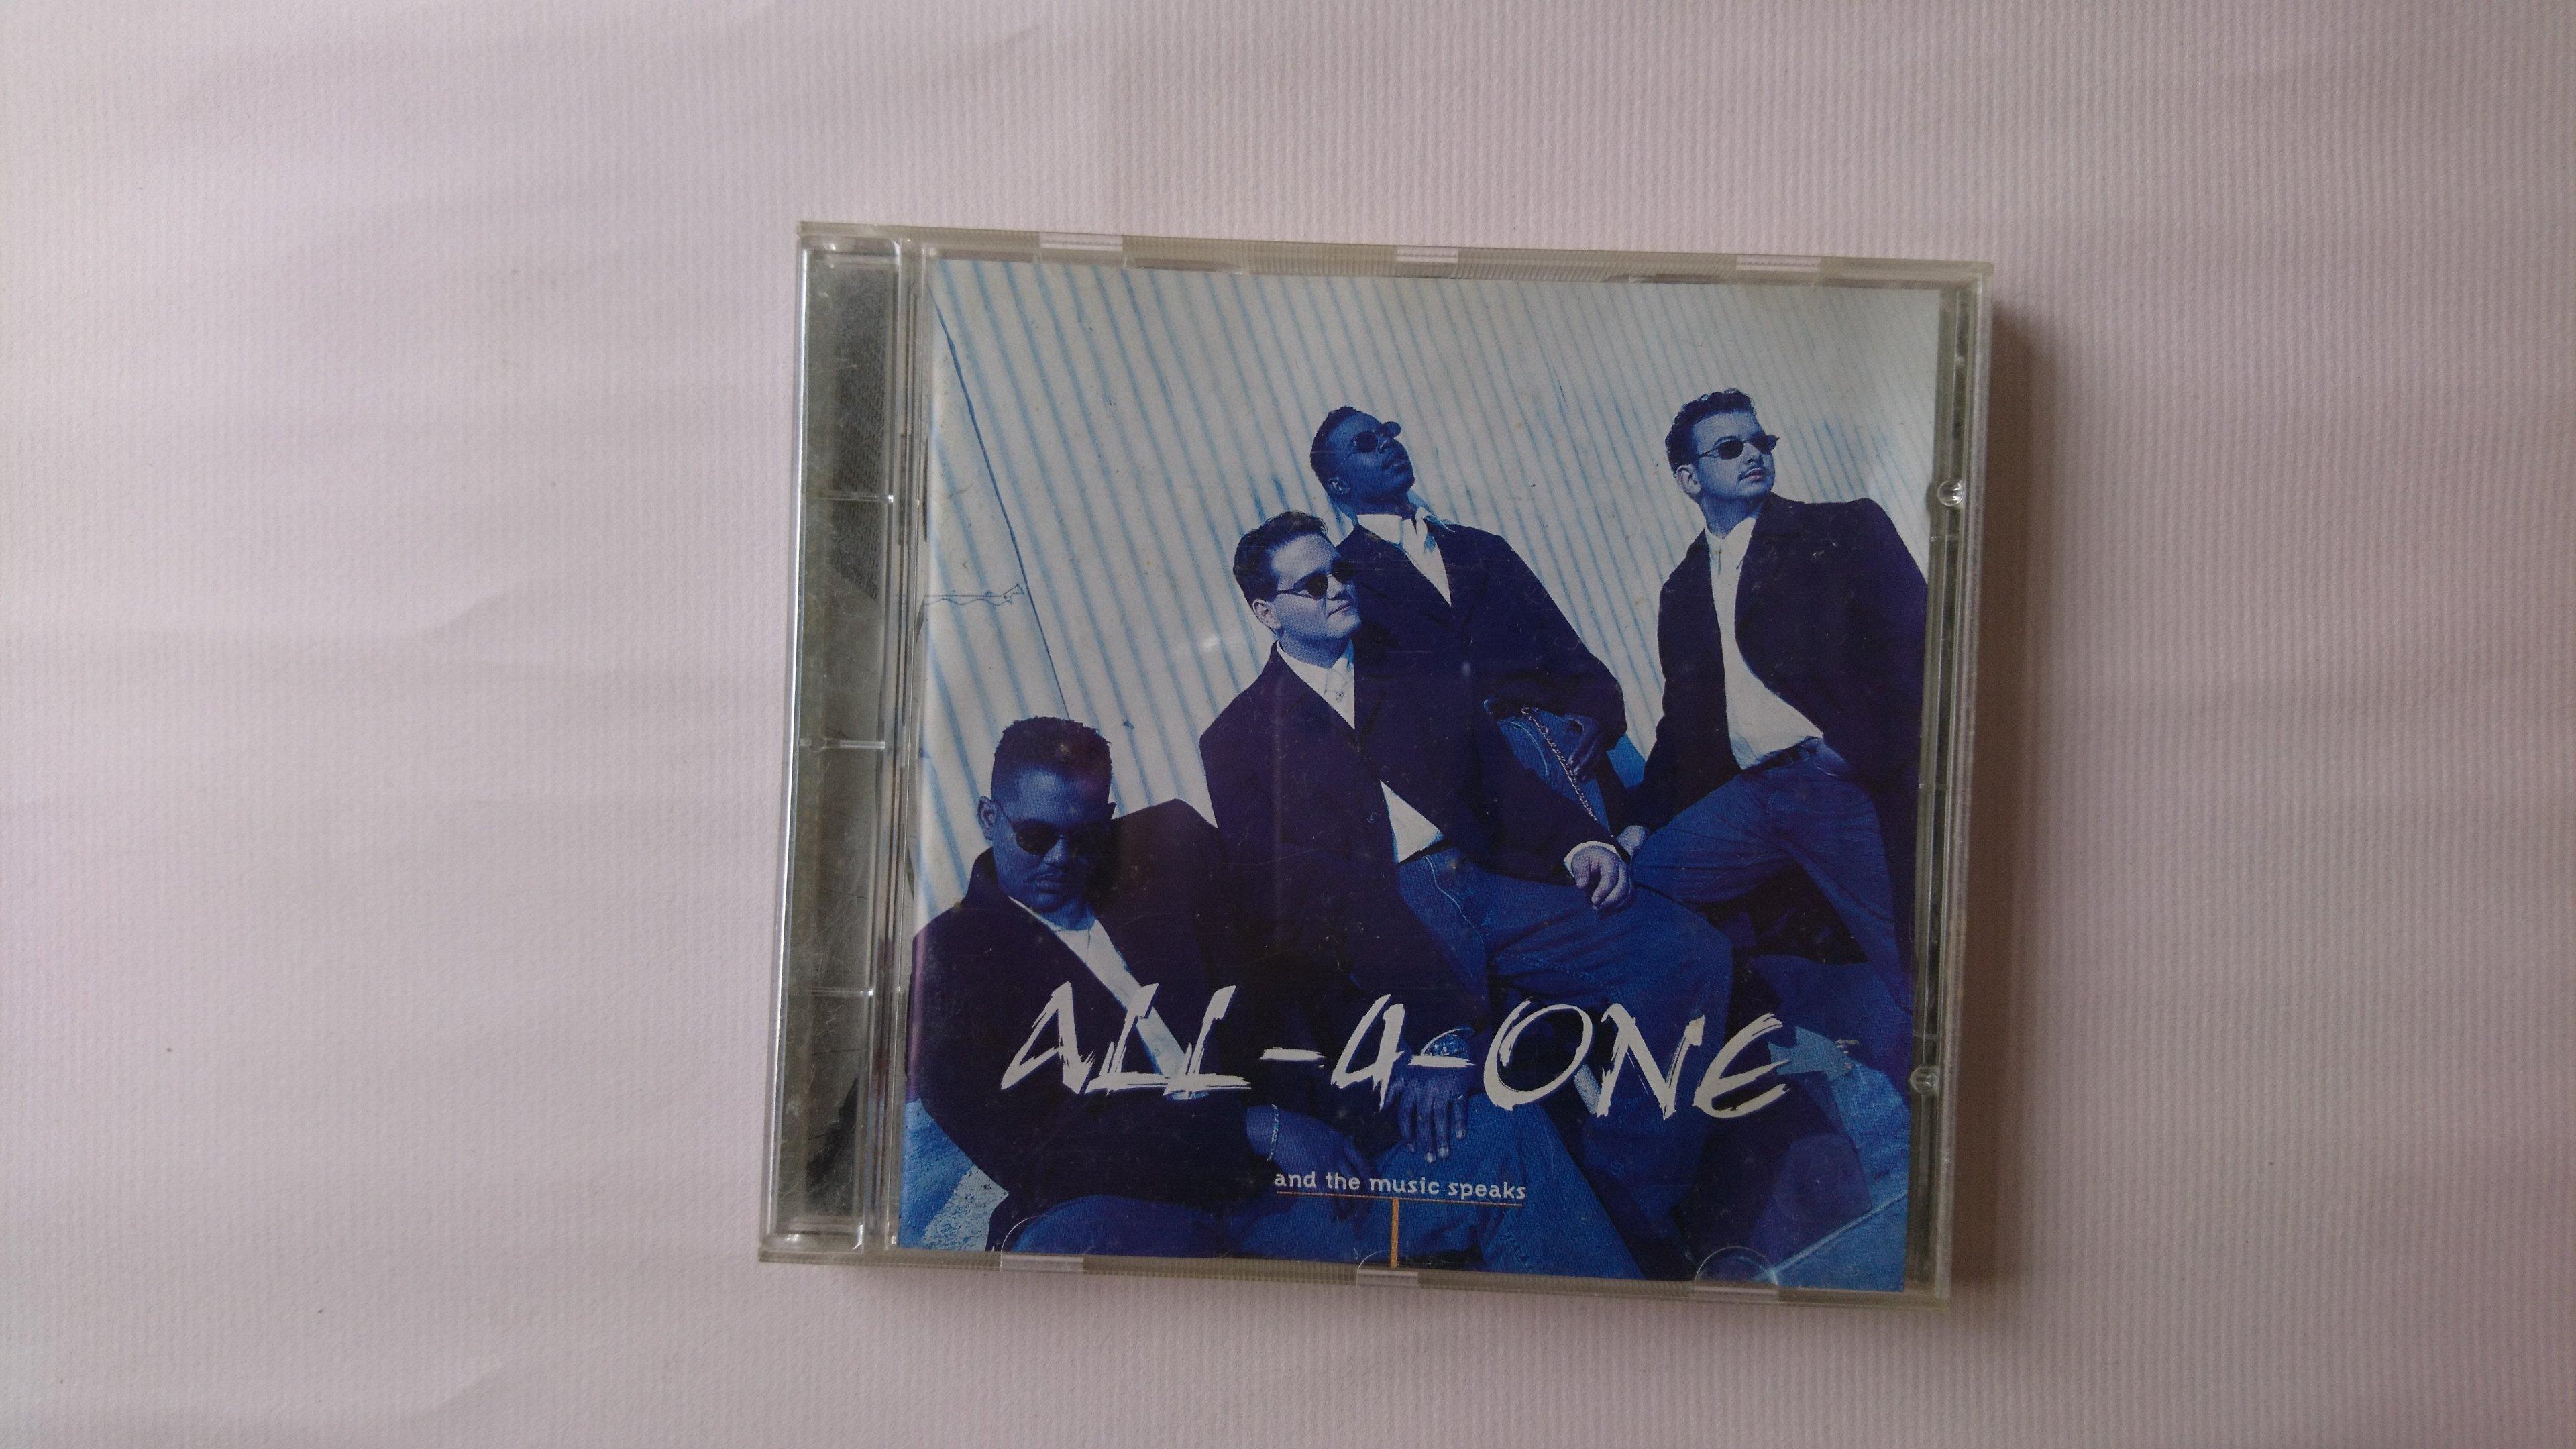 【鳳姐嚴選二手唱片】All-4-One  合而為一合唱團 / and the music speaks